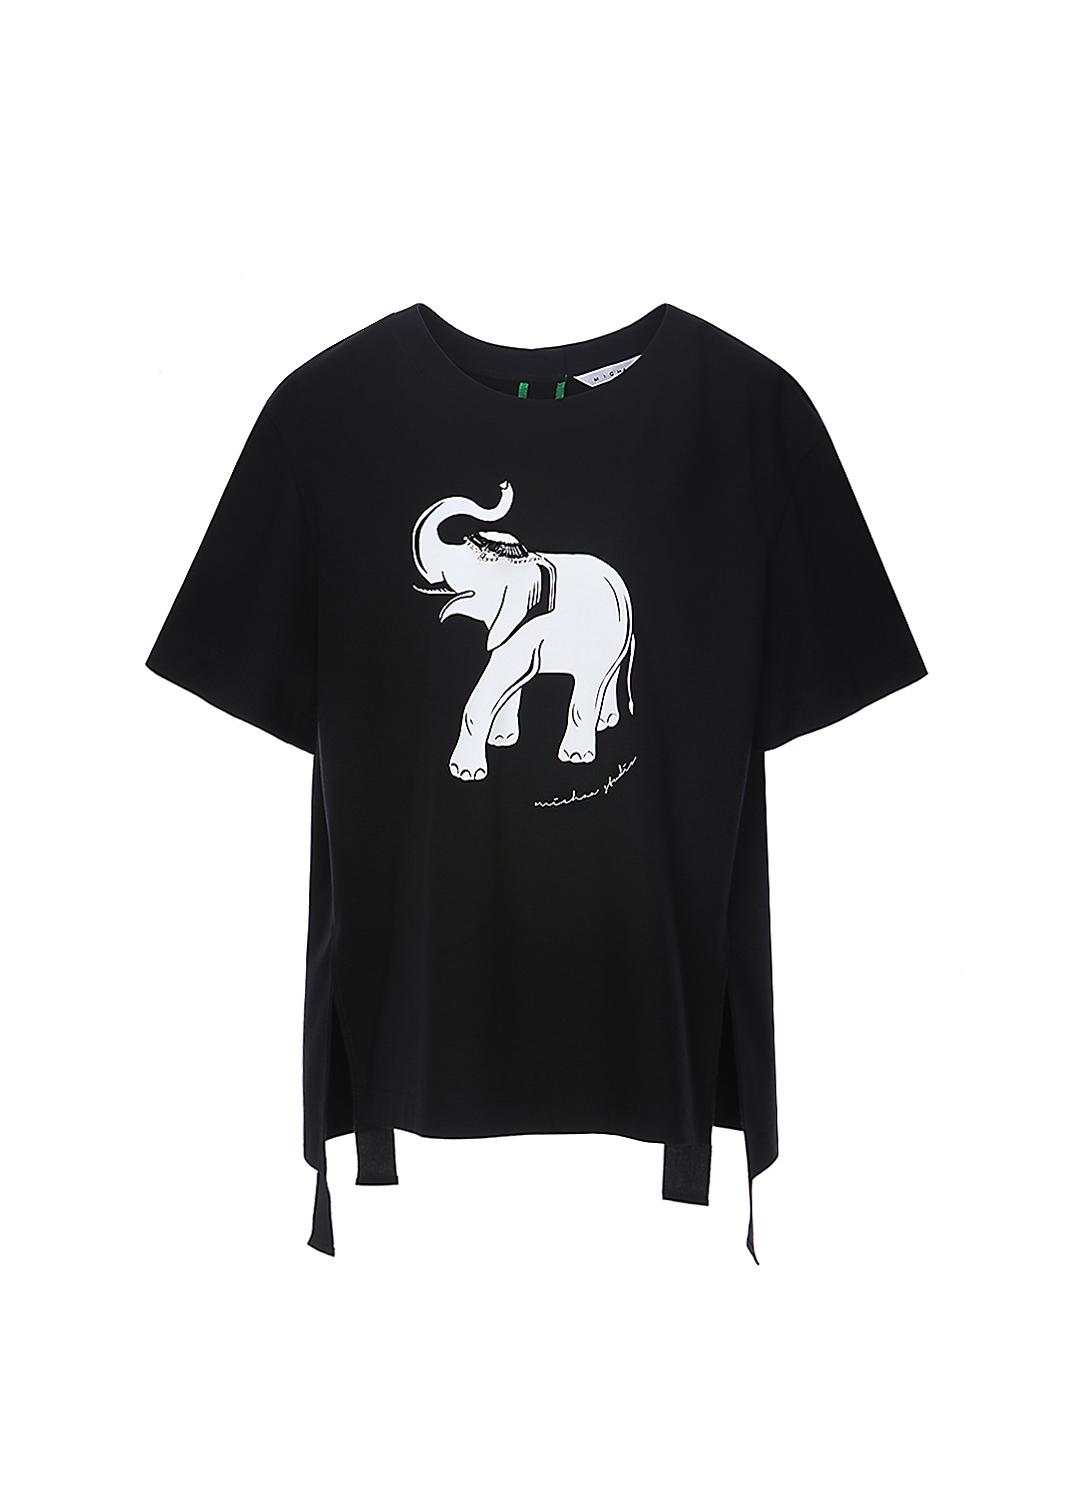 면 사이드 슬릿 포인트 티셔츠